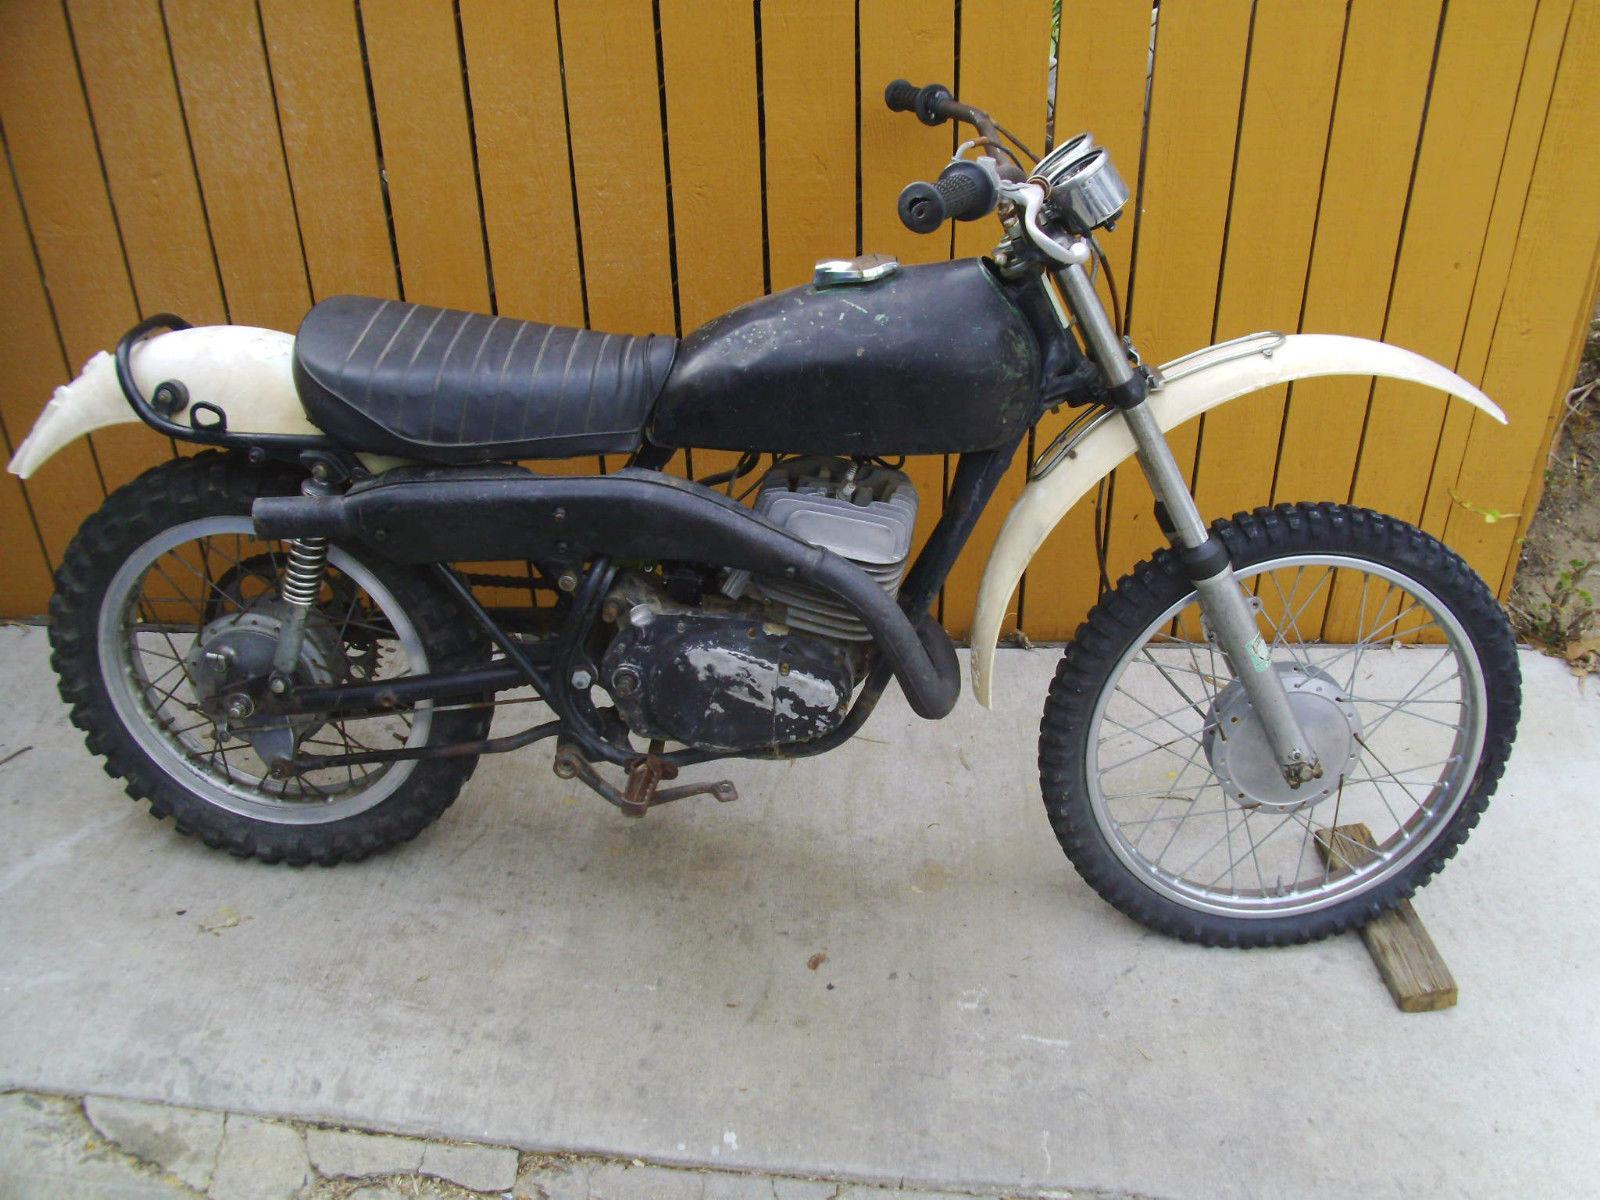 1972 yamaha for sale for 1976 yamaha 650 for sale